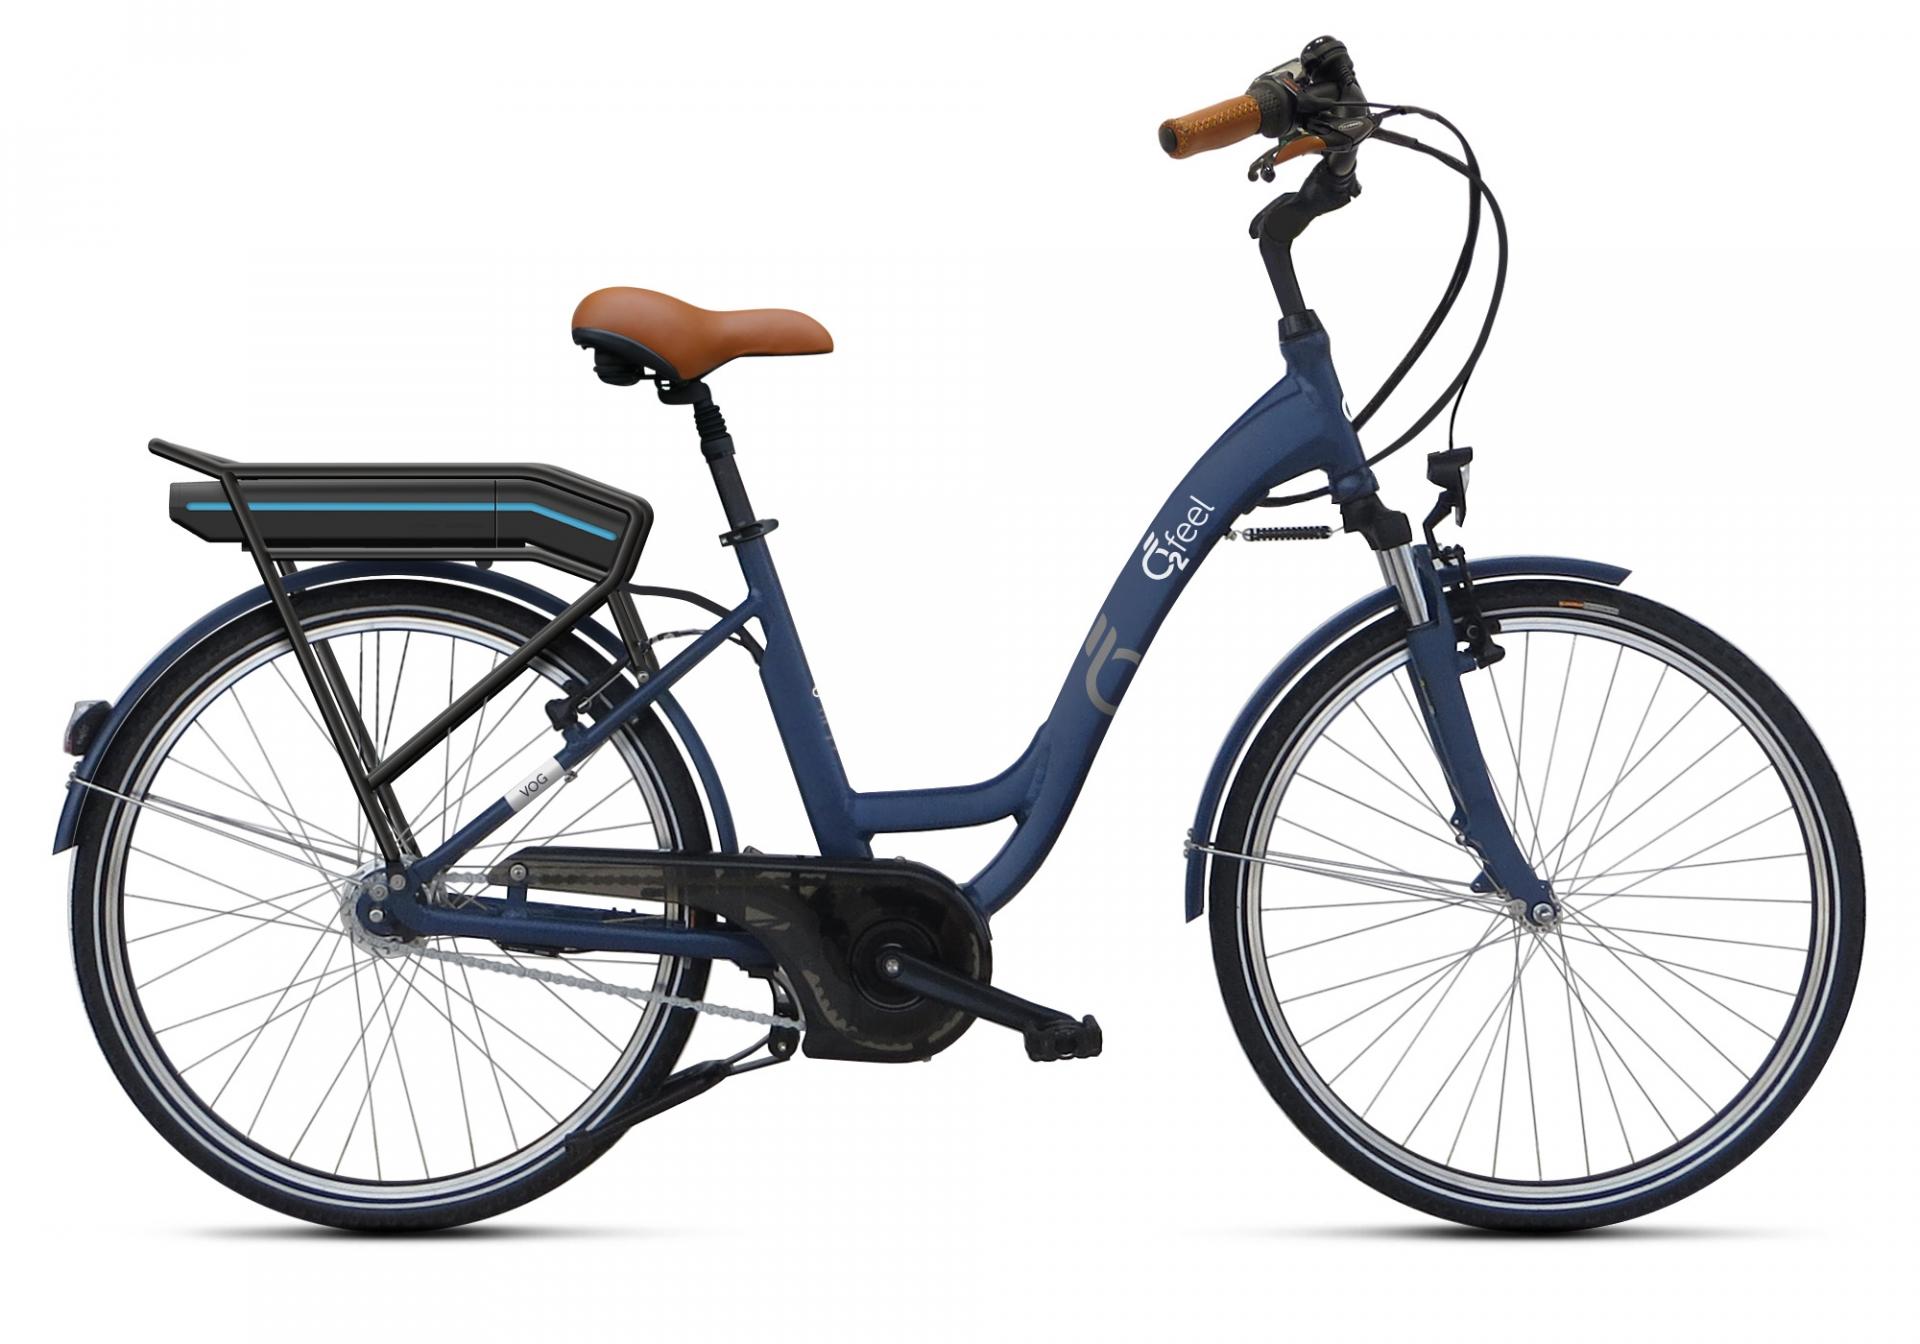 Vélo électrique O2Feel Vog N7C OES 28 374 Wh Bleu - 47